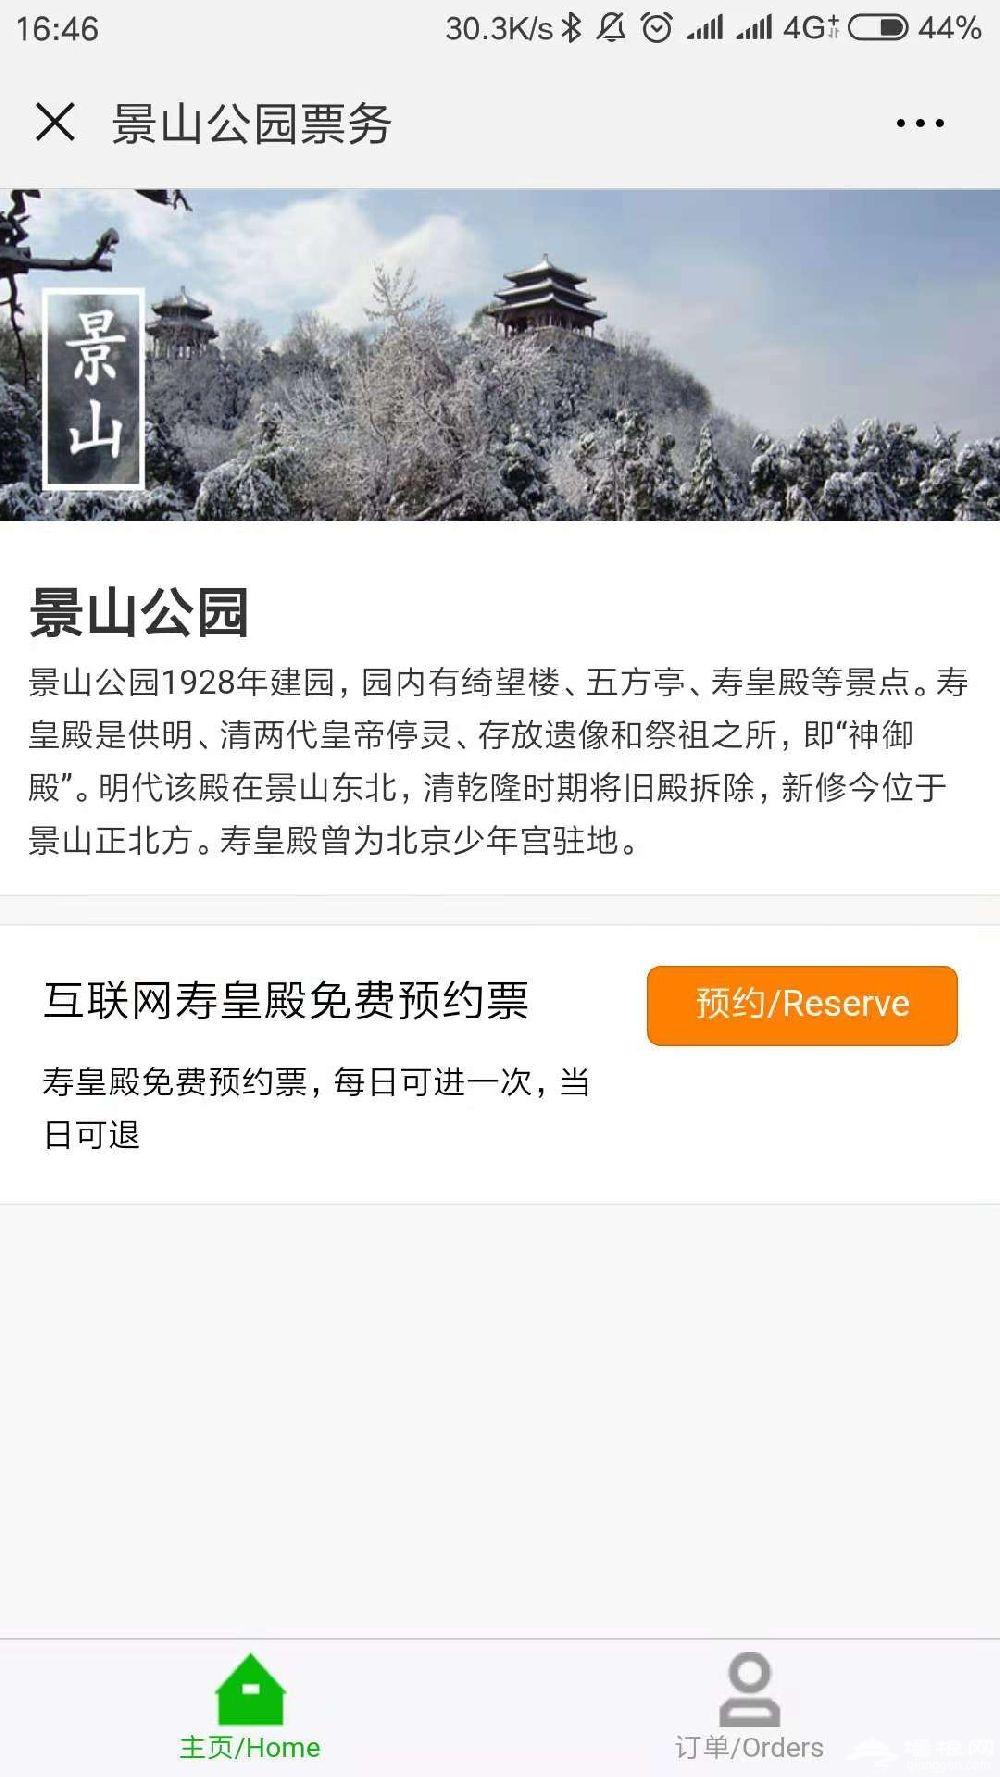 北京寿皇殿参观预约指南(流程图+开放时间+名额+入口)[墙根网]